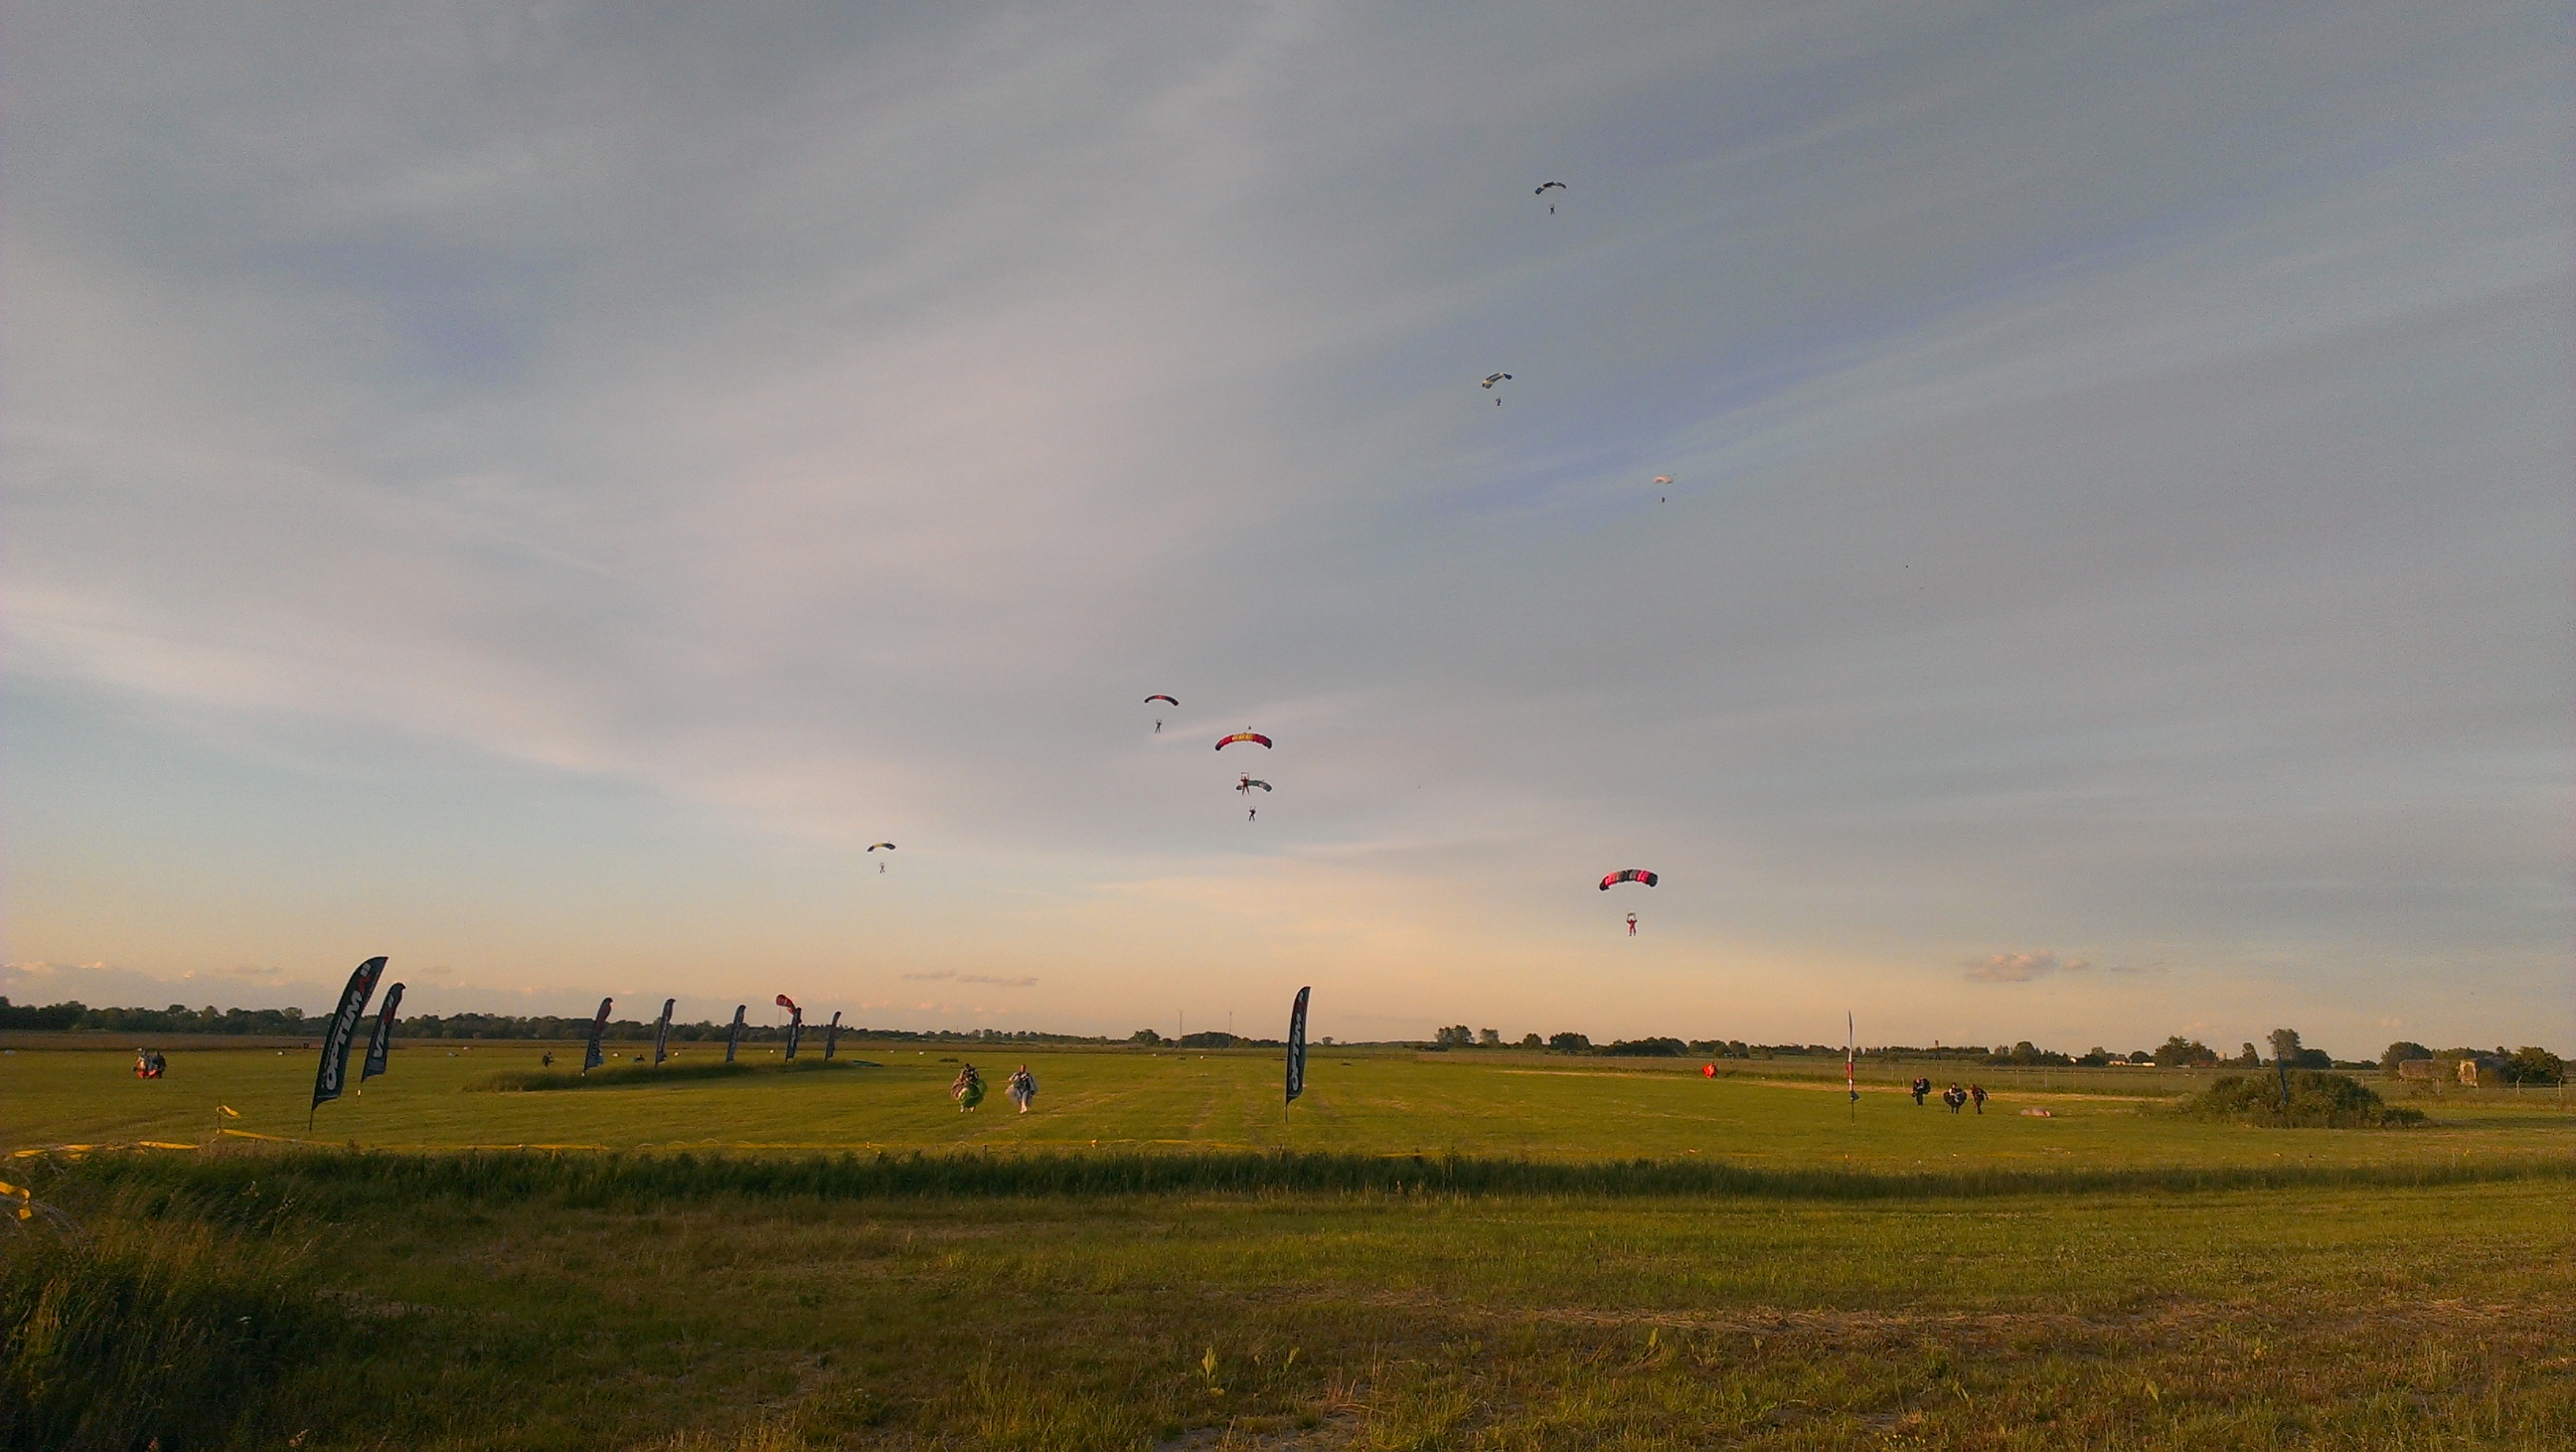 Sunset Landings